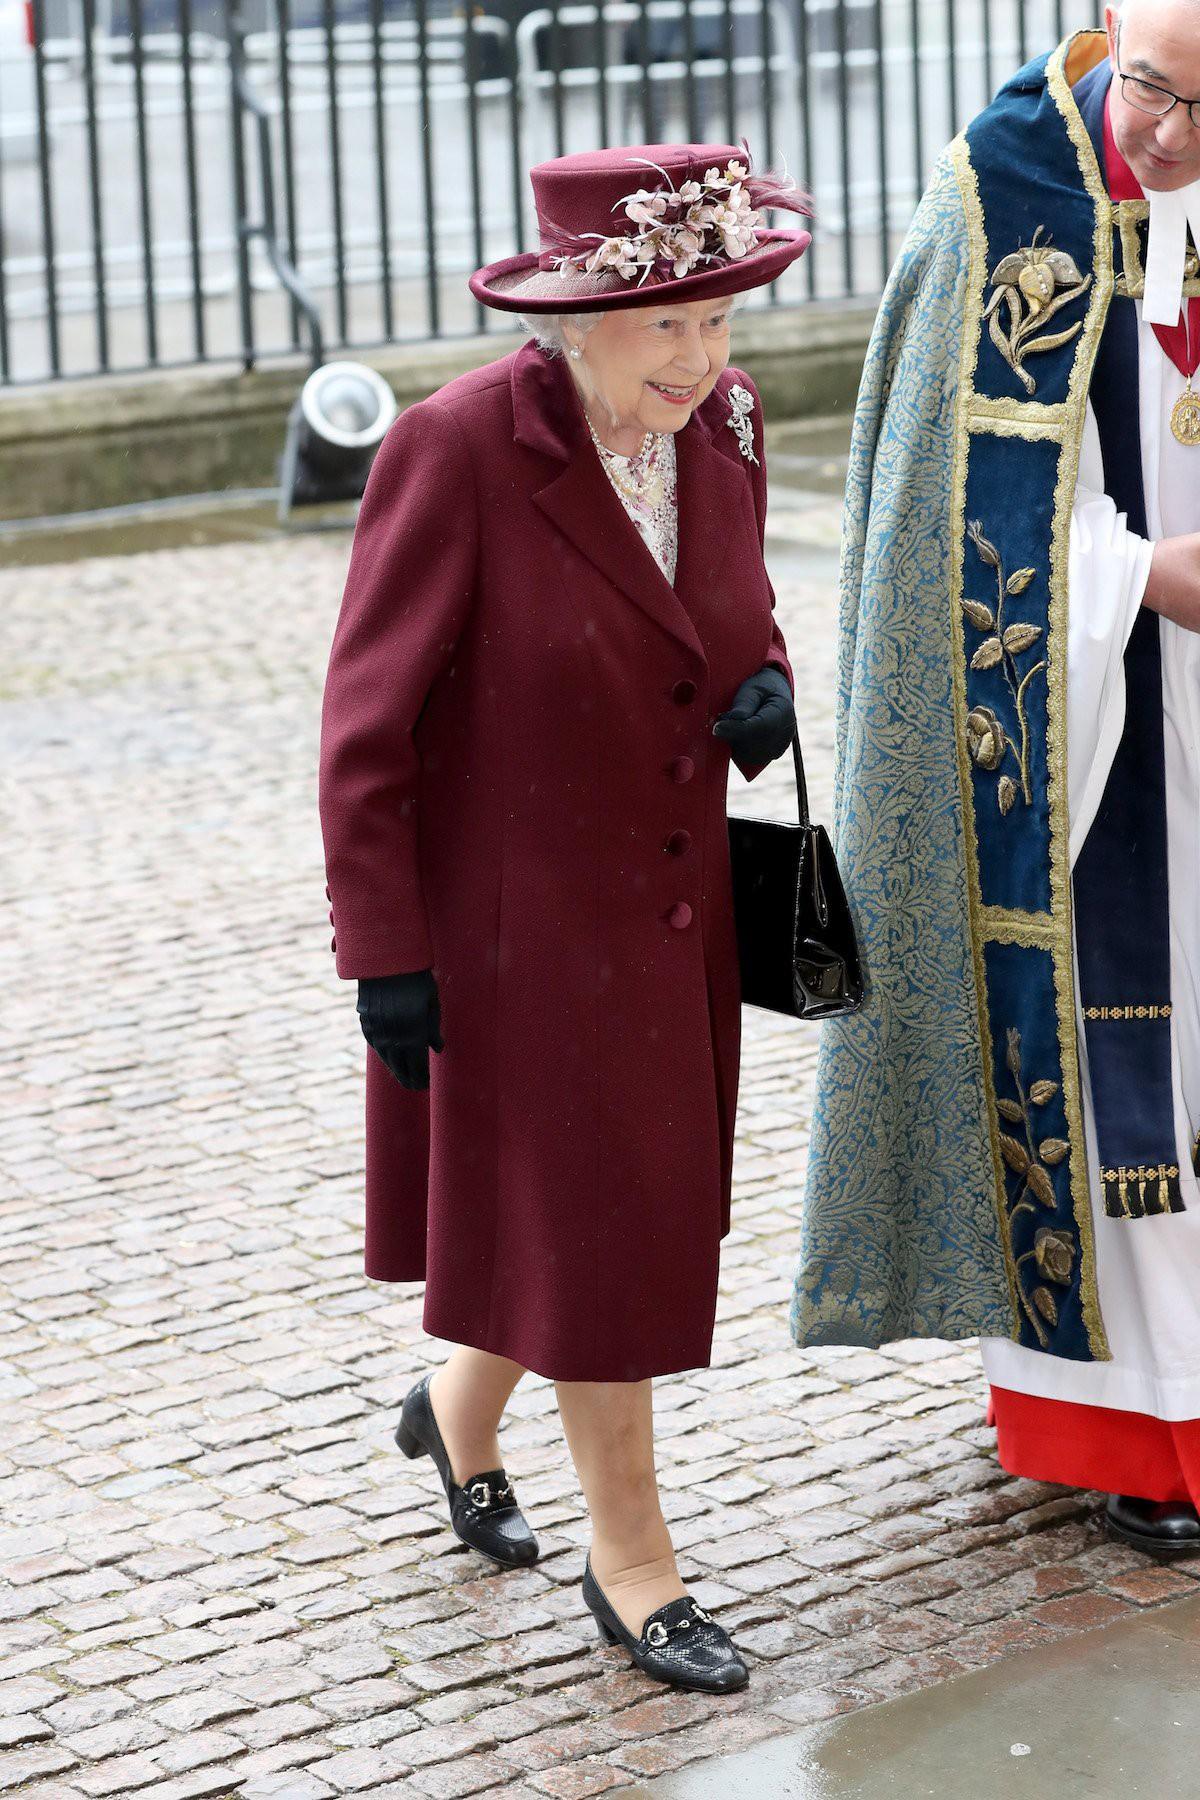 Ngoài gu diện đồ sặc sỡ, Nữ hoàng Anh còn có 5 bí mật làm nên phong cách thời trang không thể trộn lẫn - Ảnh 15.